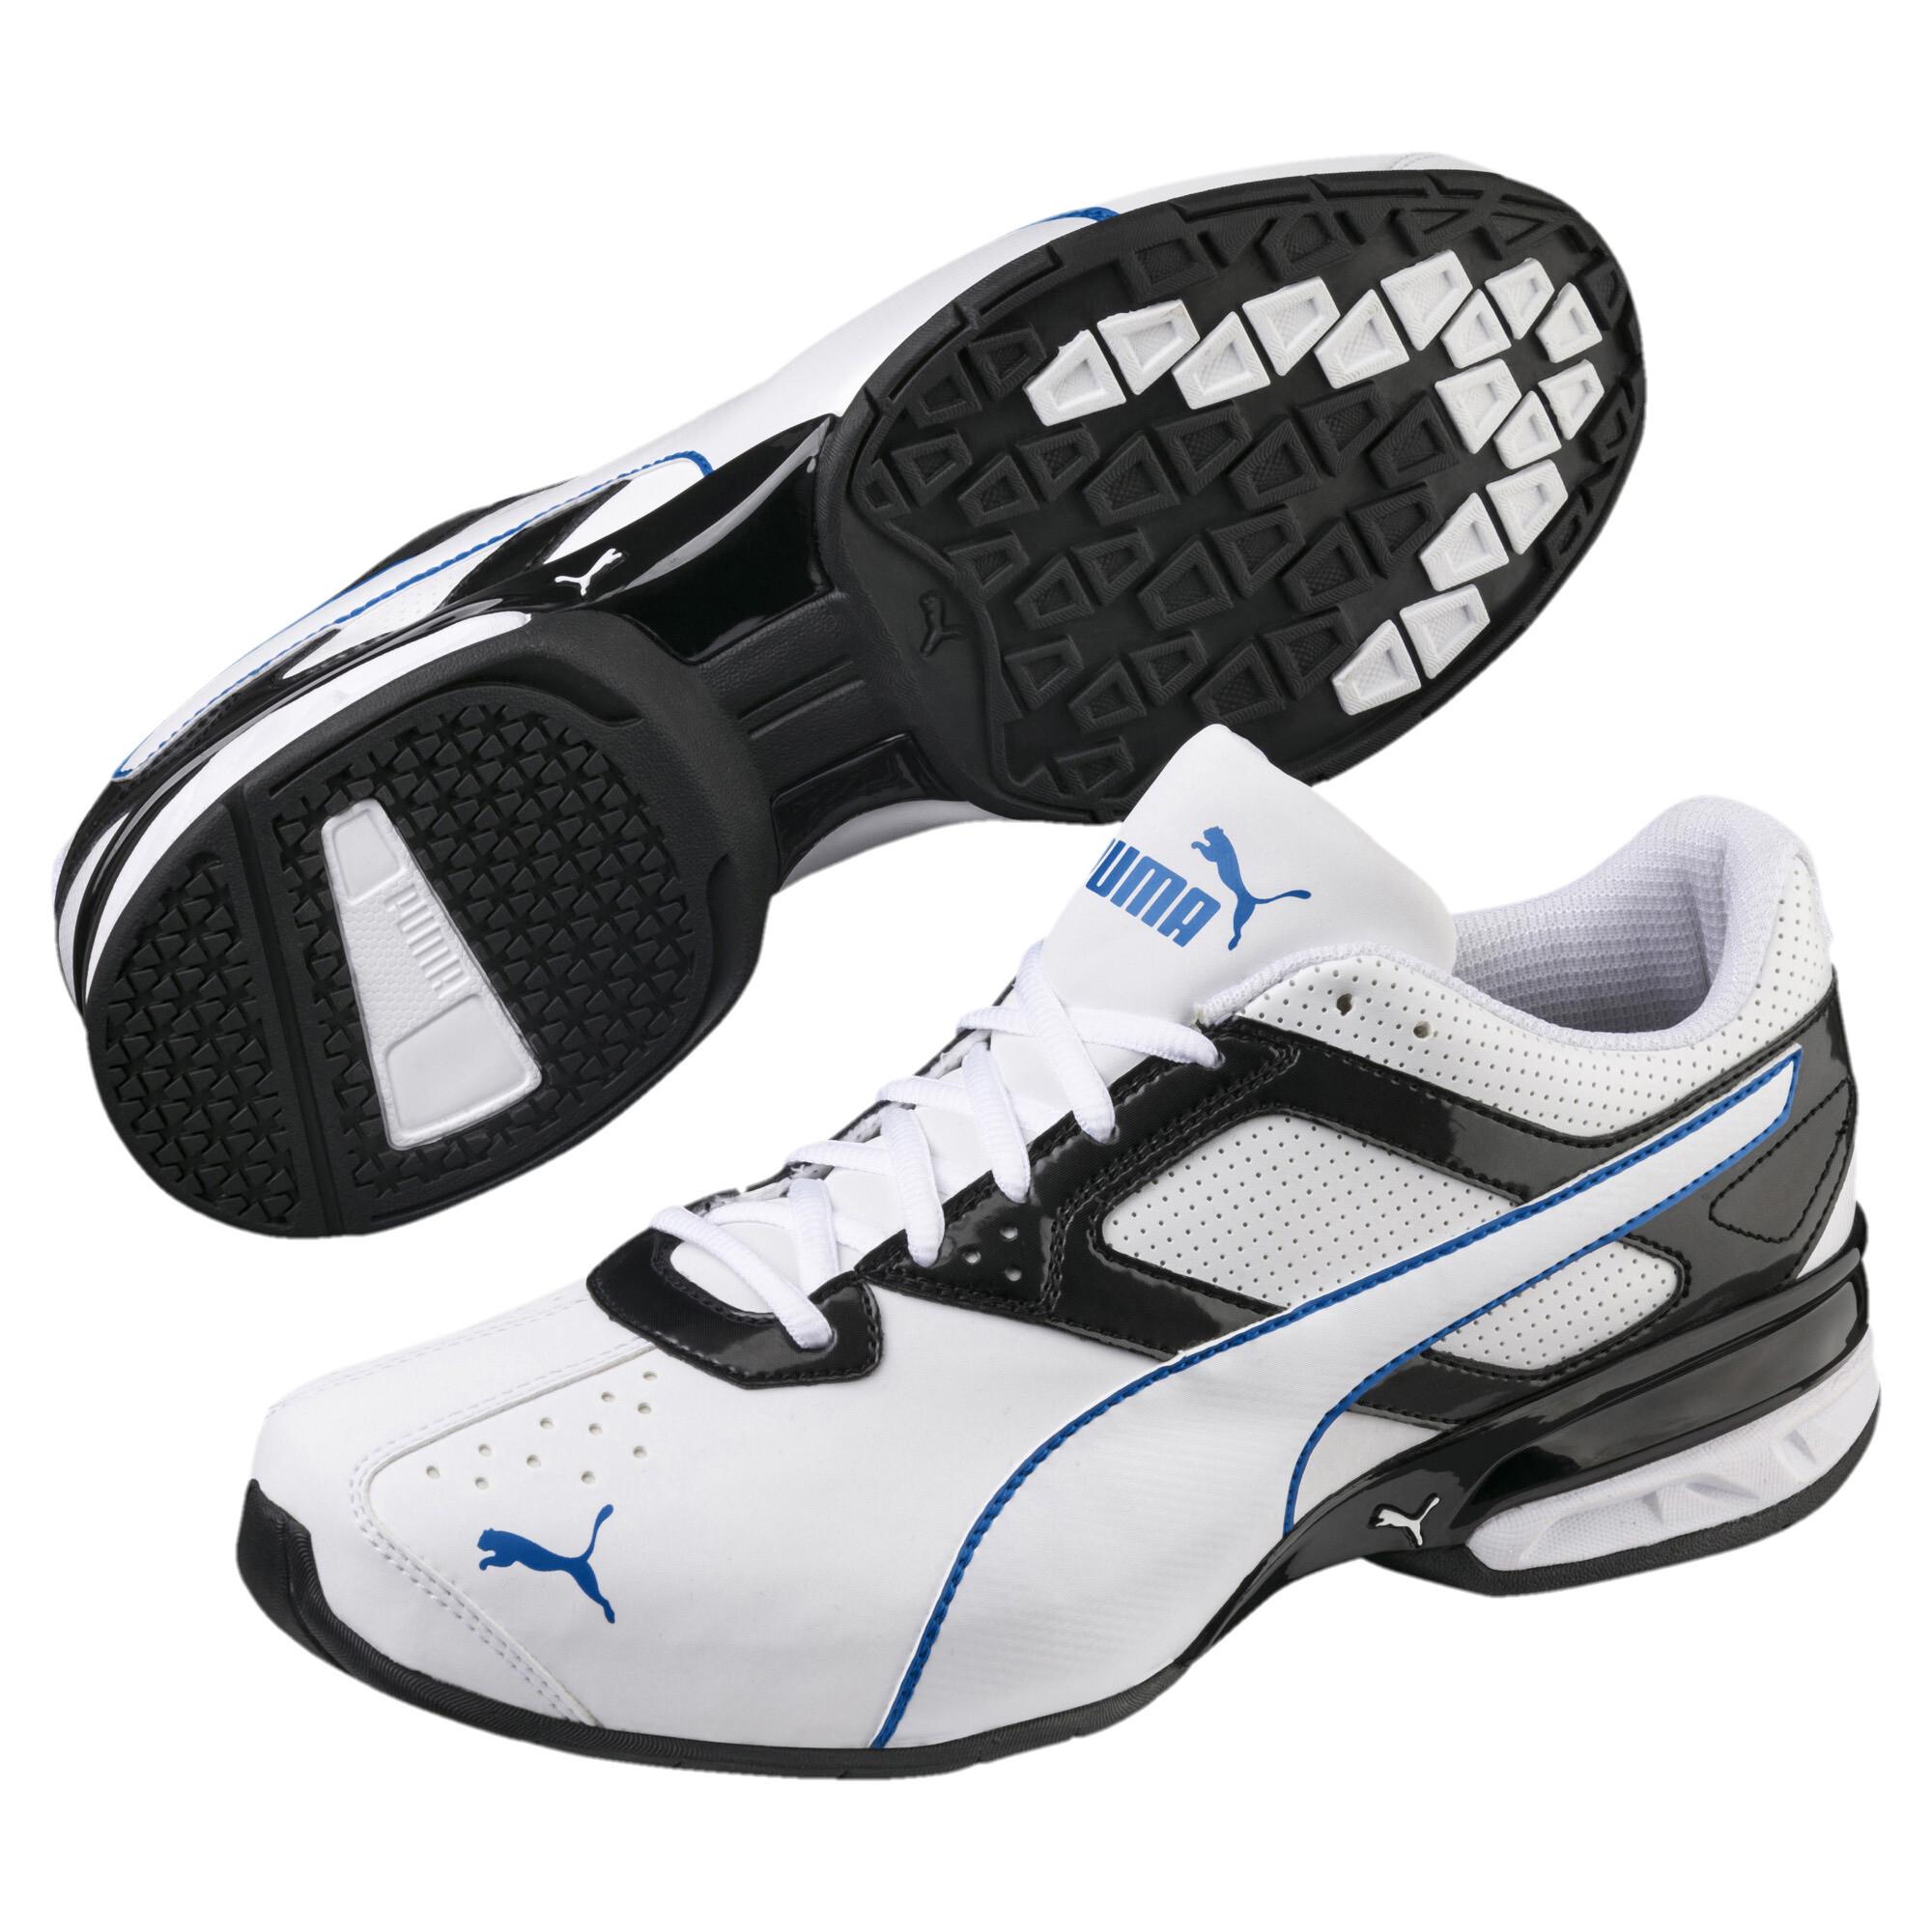 PUMA-Tazon-6-FM-Men-039-s-Sneakers-Men-Shoe-Running thumbnail 43